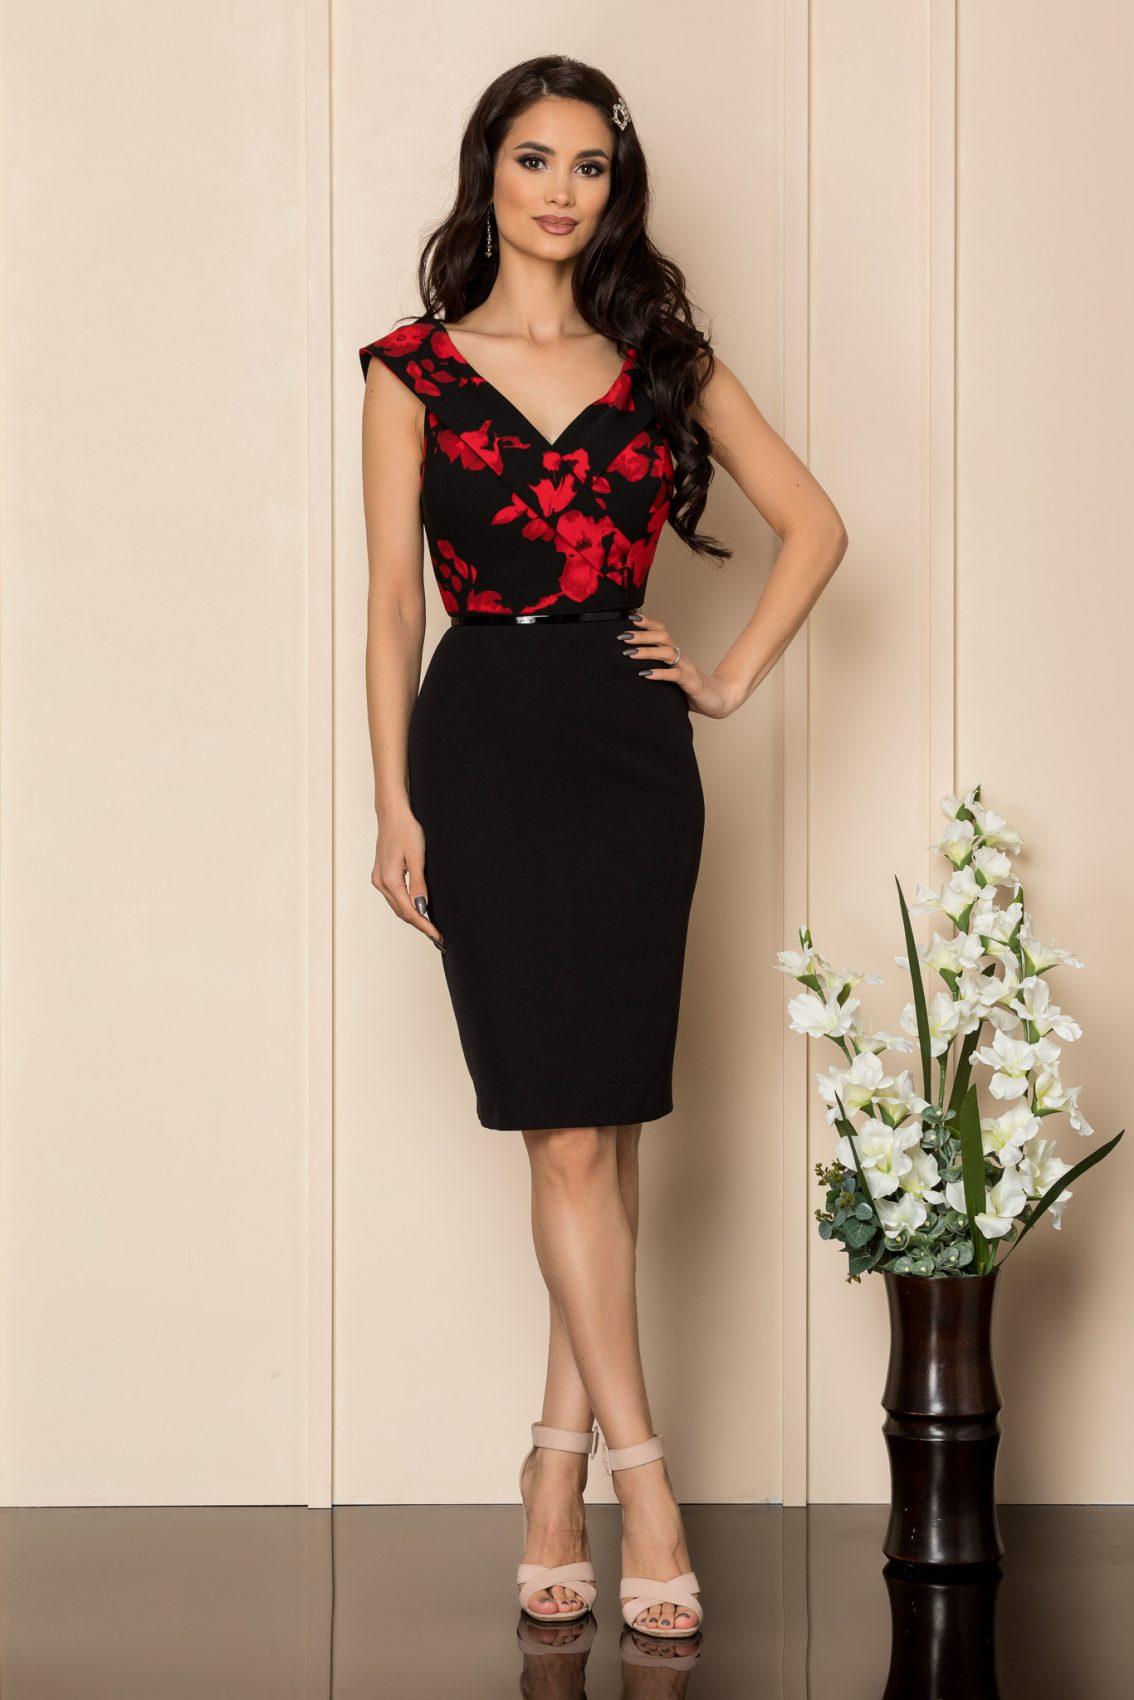 Μαύρο Φόρεμα Με Κόκκινα Λουλούδια Carlia A403 1